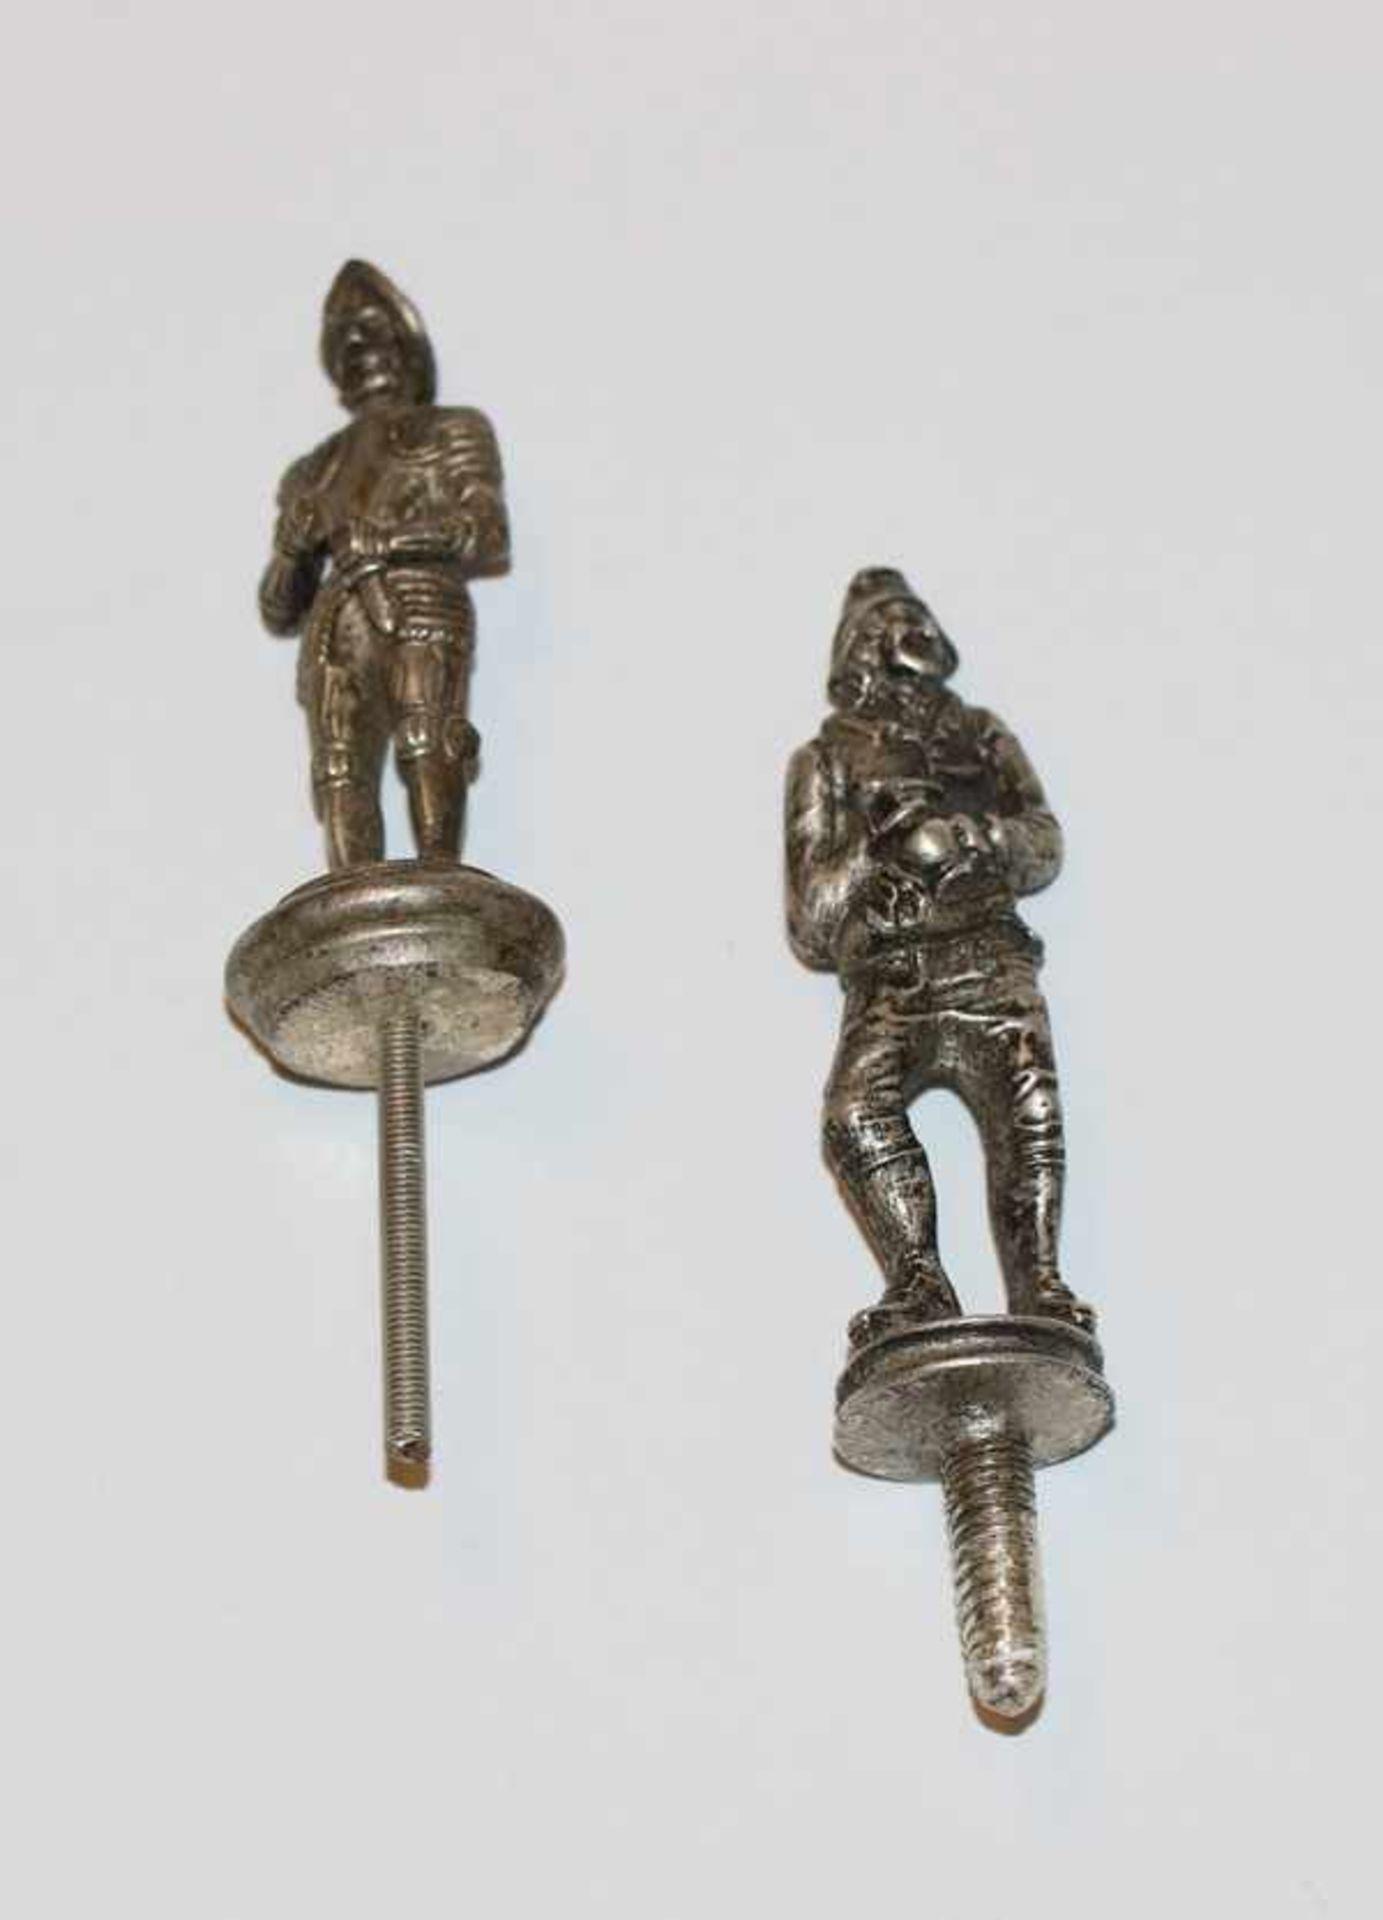 2 Silber (geprüfte) Dekofiguren 'Ritter', aufschraubbar, zus. 95 gr., H Figur 5,5/6 cm